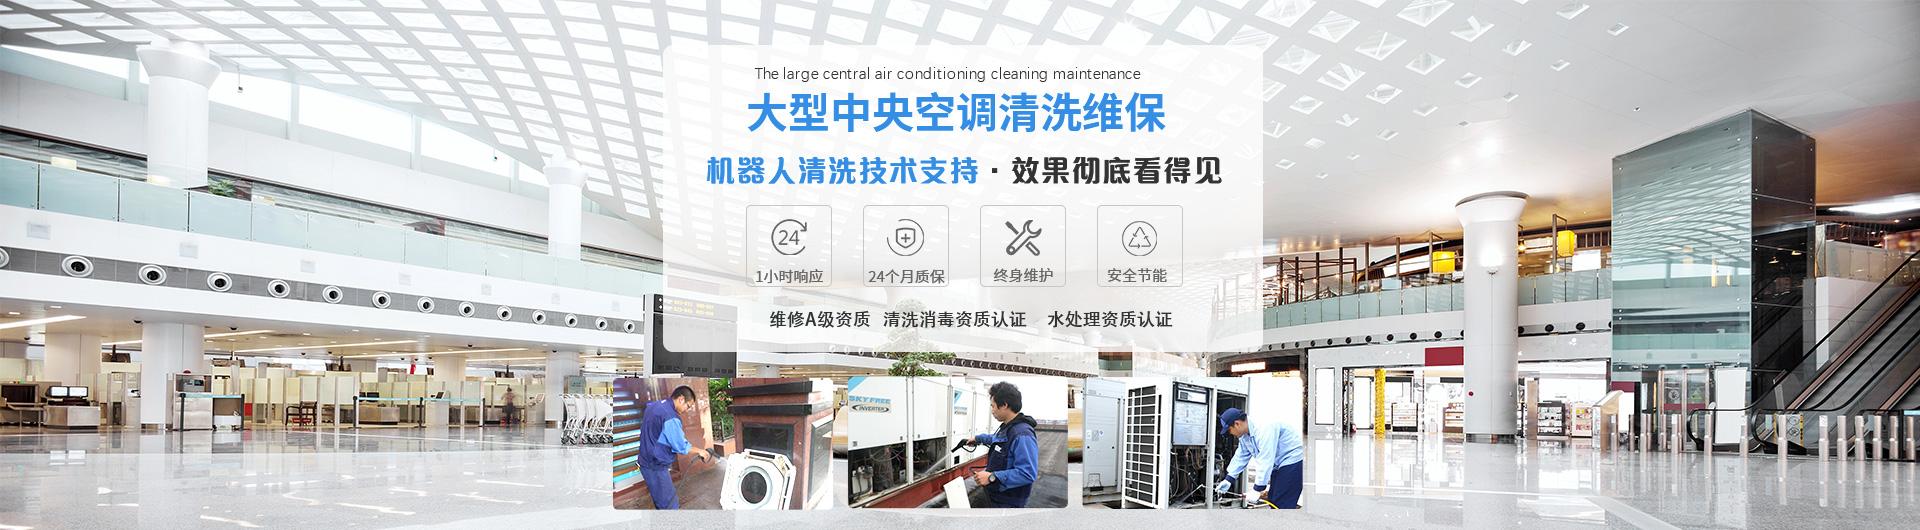 大型中央空调清洗维保